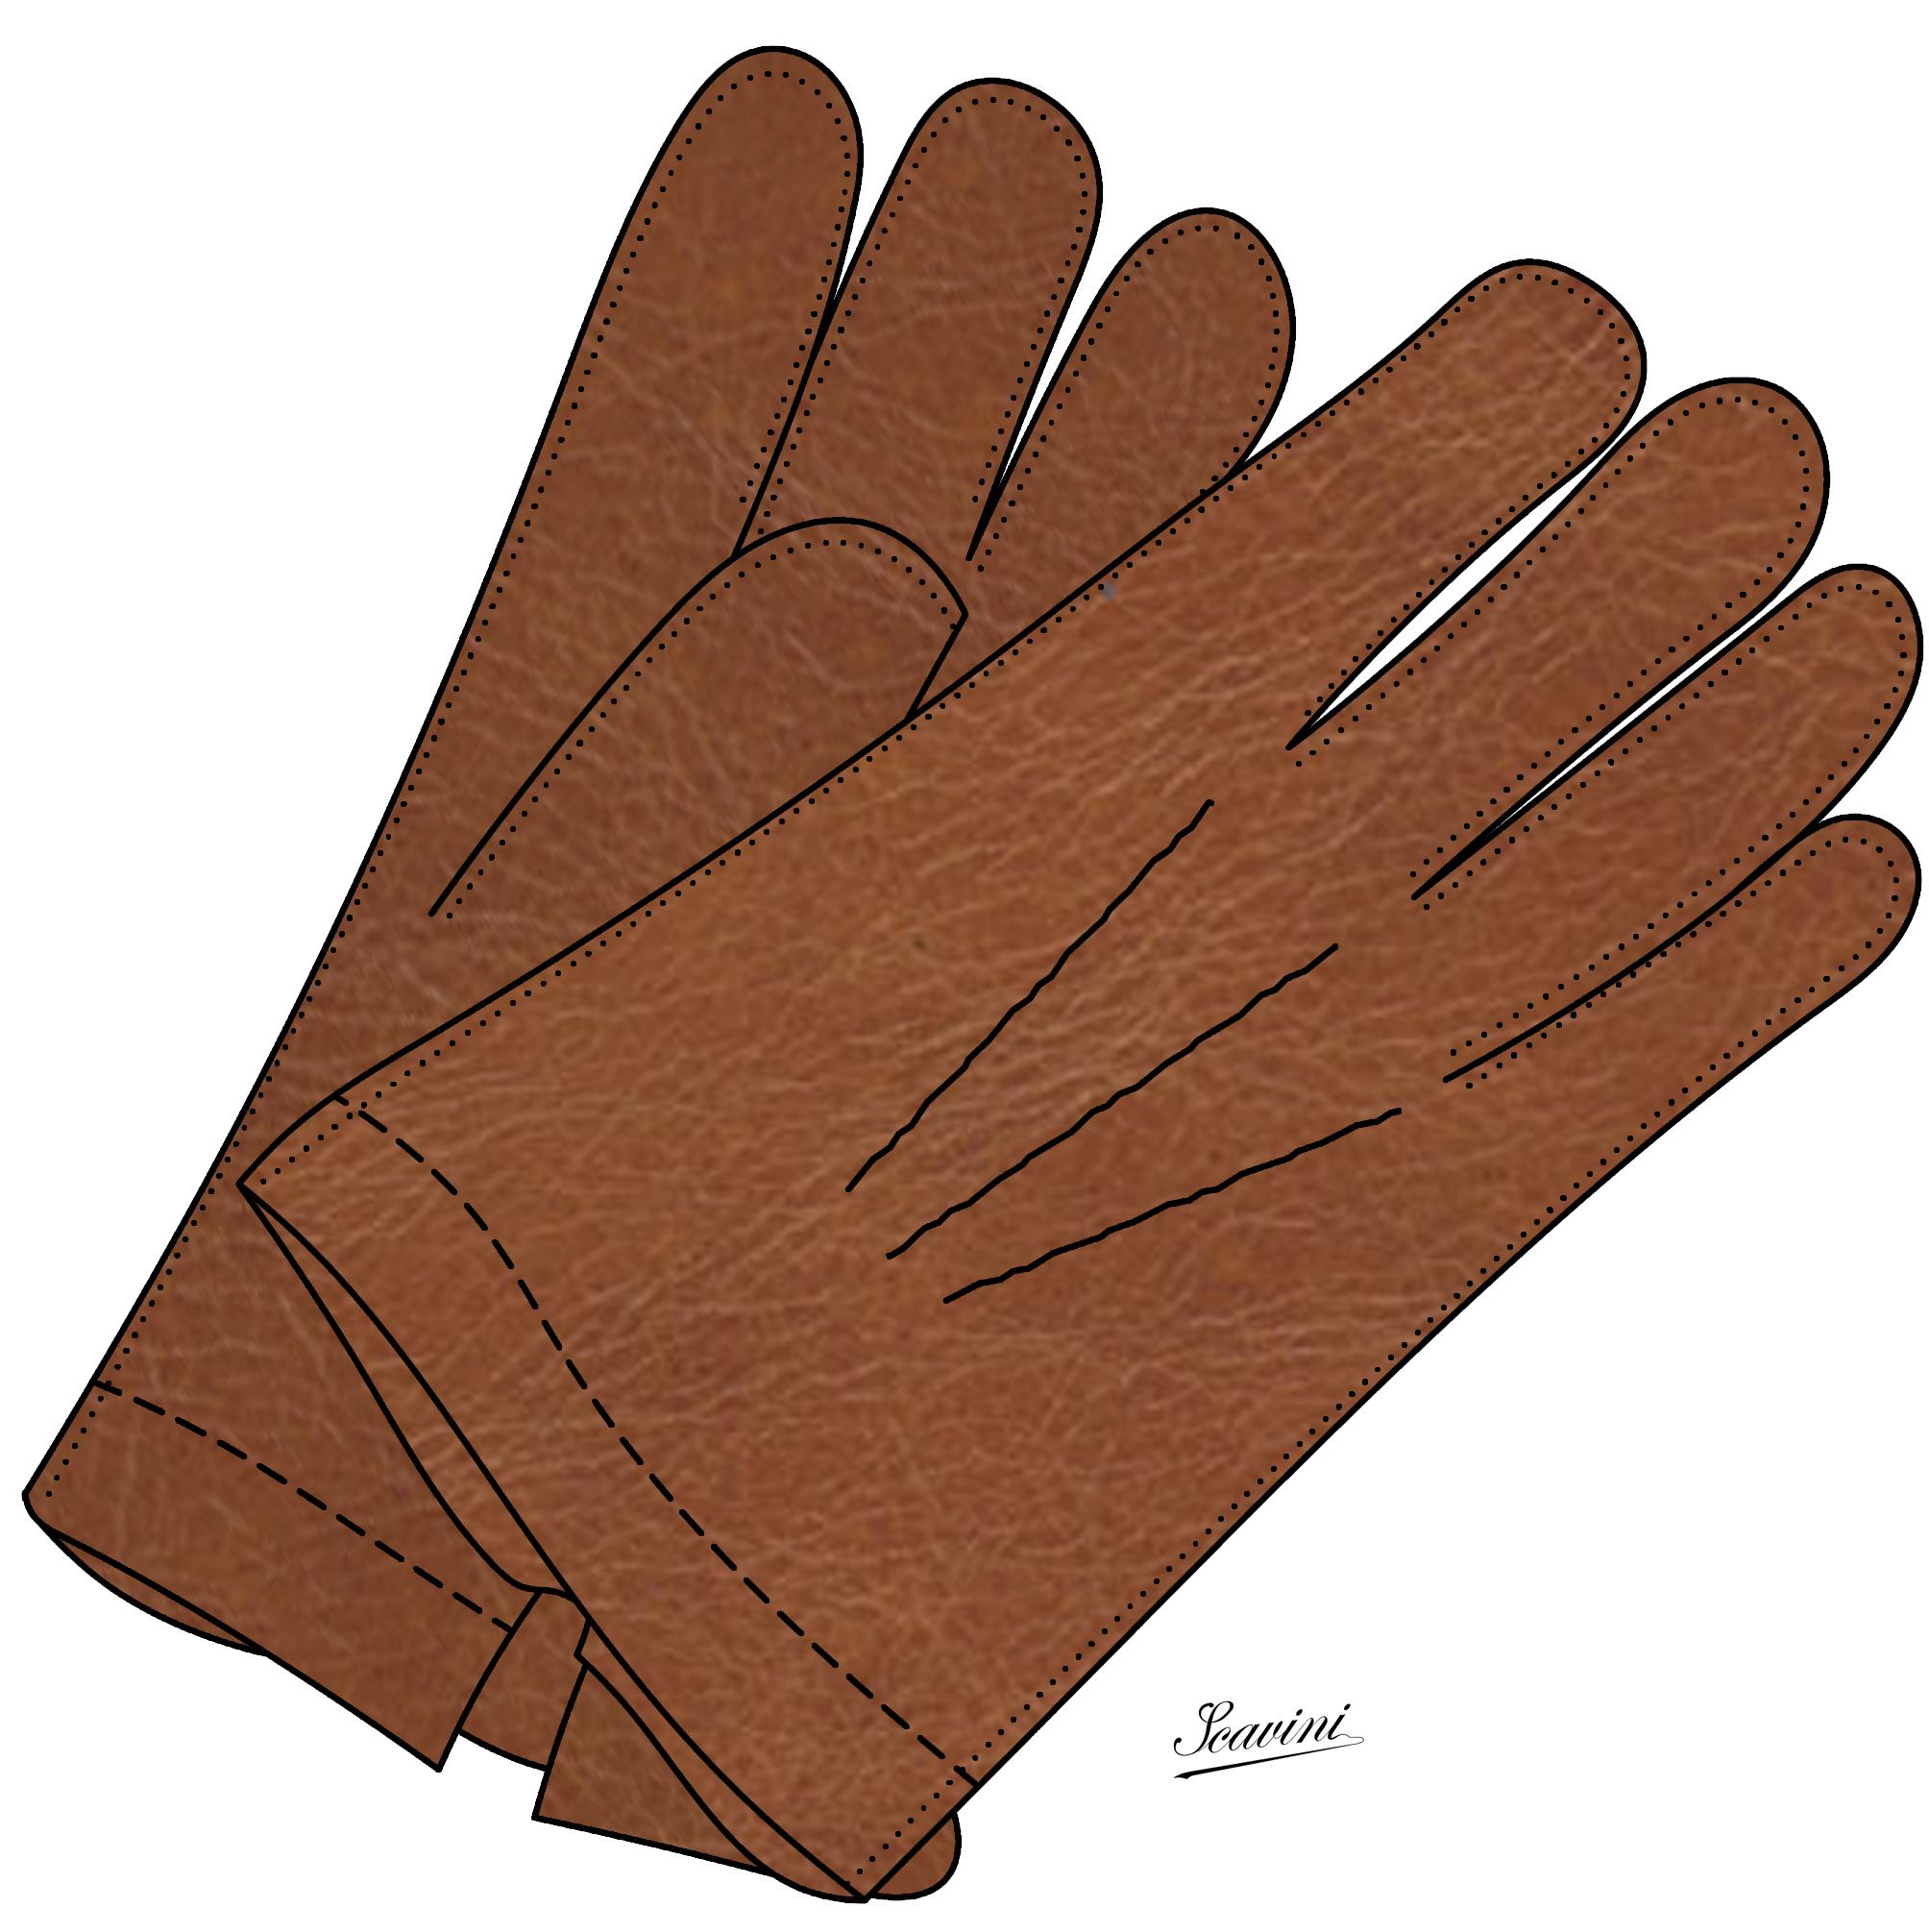 Le psoriasis des mains les symptômes de la photo